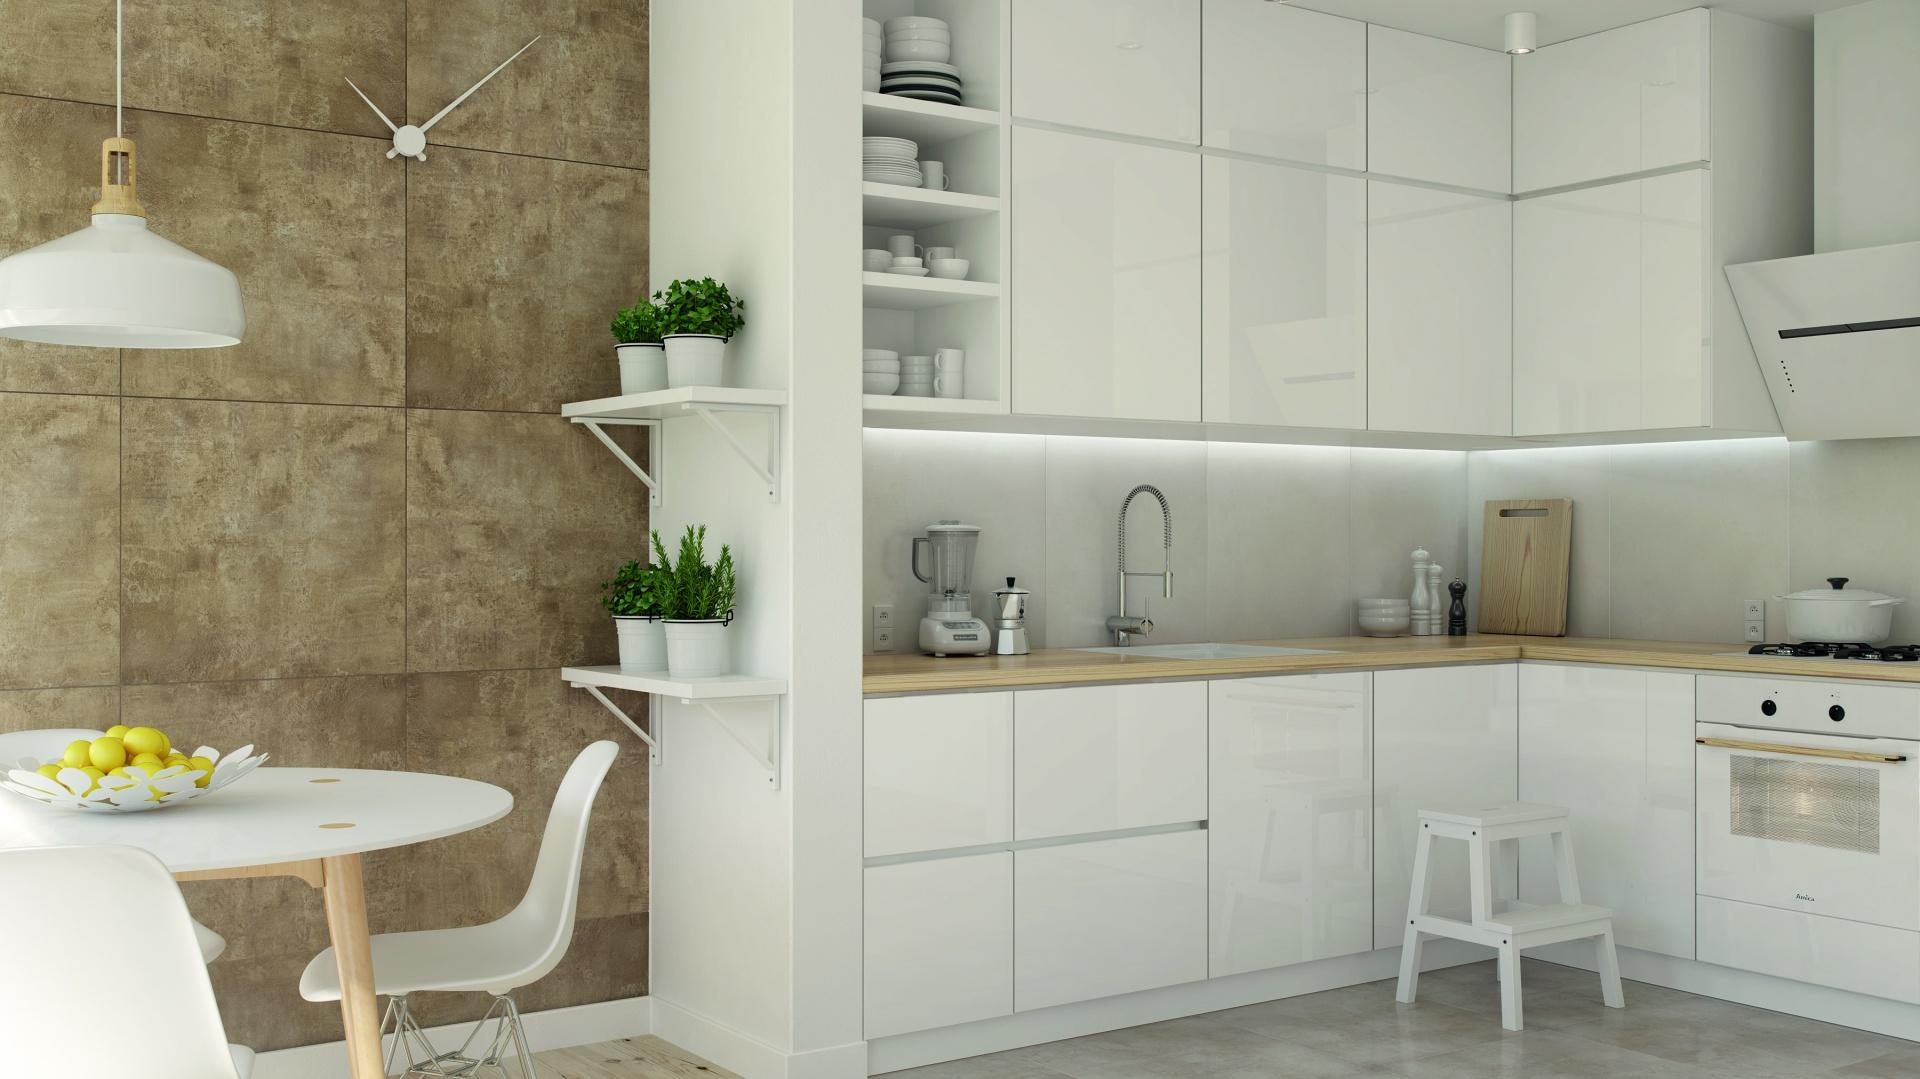 Płytki W Kuchni 15 Pomysłów Na Podłogi I ściany